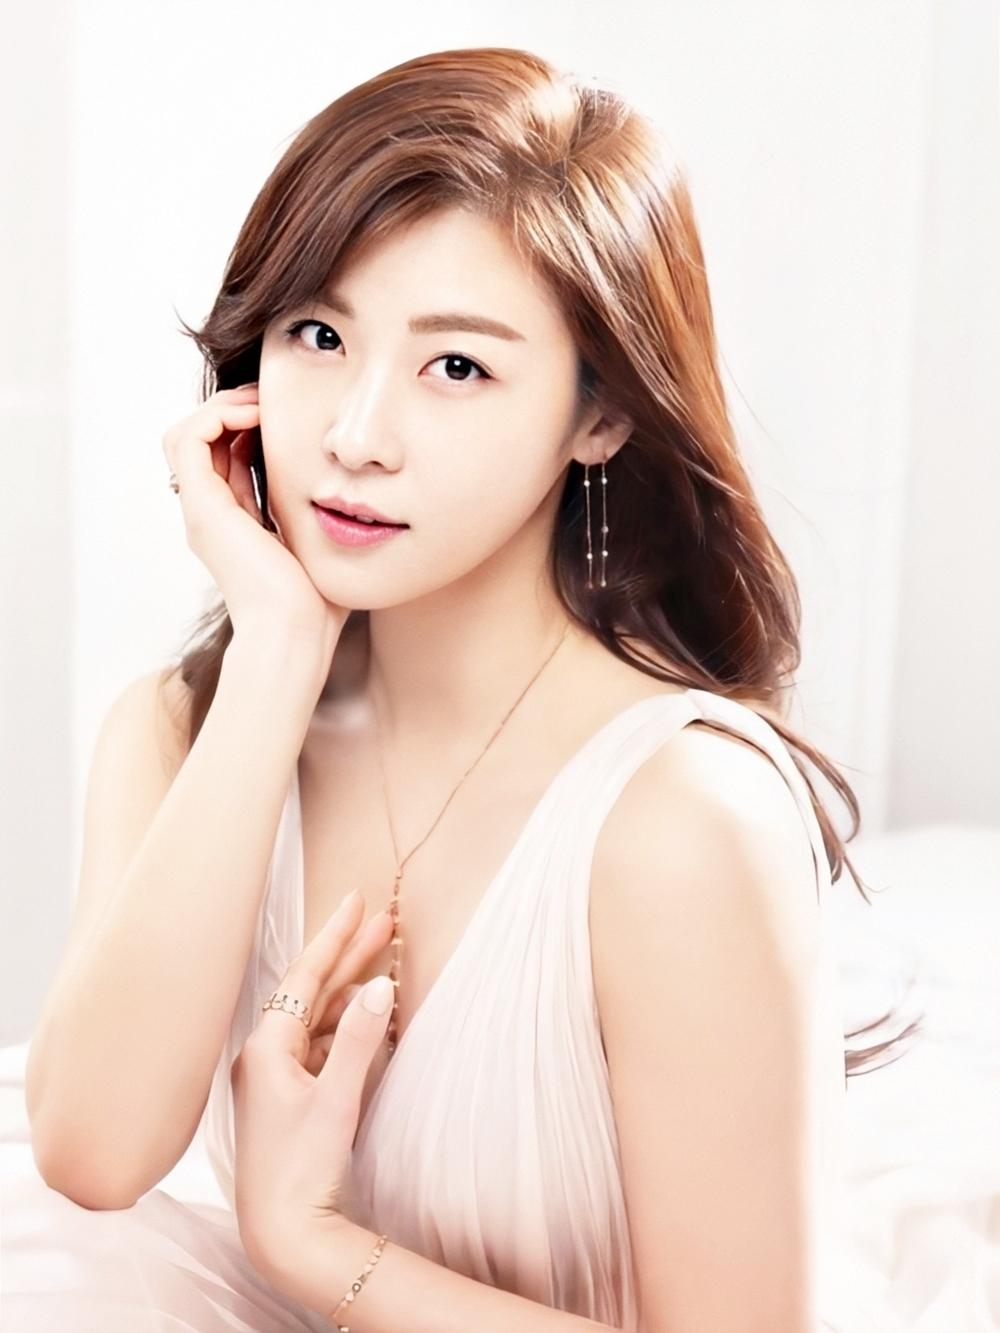 Ha Ji Won cũng được đánh giá cao đường nét và gu thời trang. Ở tuổi 42, cô thường được khán giả khen trẻ, không chênh lệch khi đóng tình nhân với đàn em kém nhiều tuổi. Dù bận rộn, diễn viên duy trì tập cardio (những bài tập làm tăng nhịp tim)vì nó tác động tới tim mạch, hệ tuần hoàn, đốt cháy mỡ thừa, giúp giảm cân hiệu quả.Cô cải thiện làn da và sức khỏe bằng cách ăn uống hợp lý, tăng cườngcác loại hạt, trái cây và sữa chua.